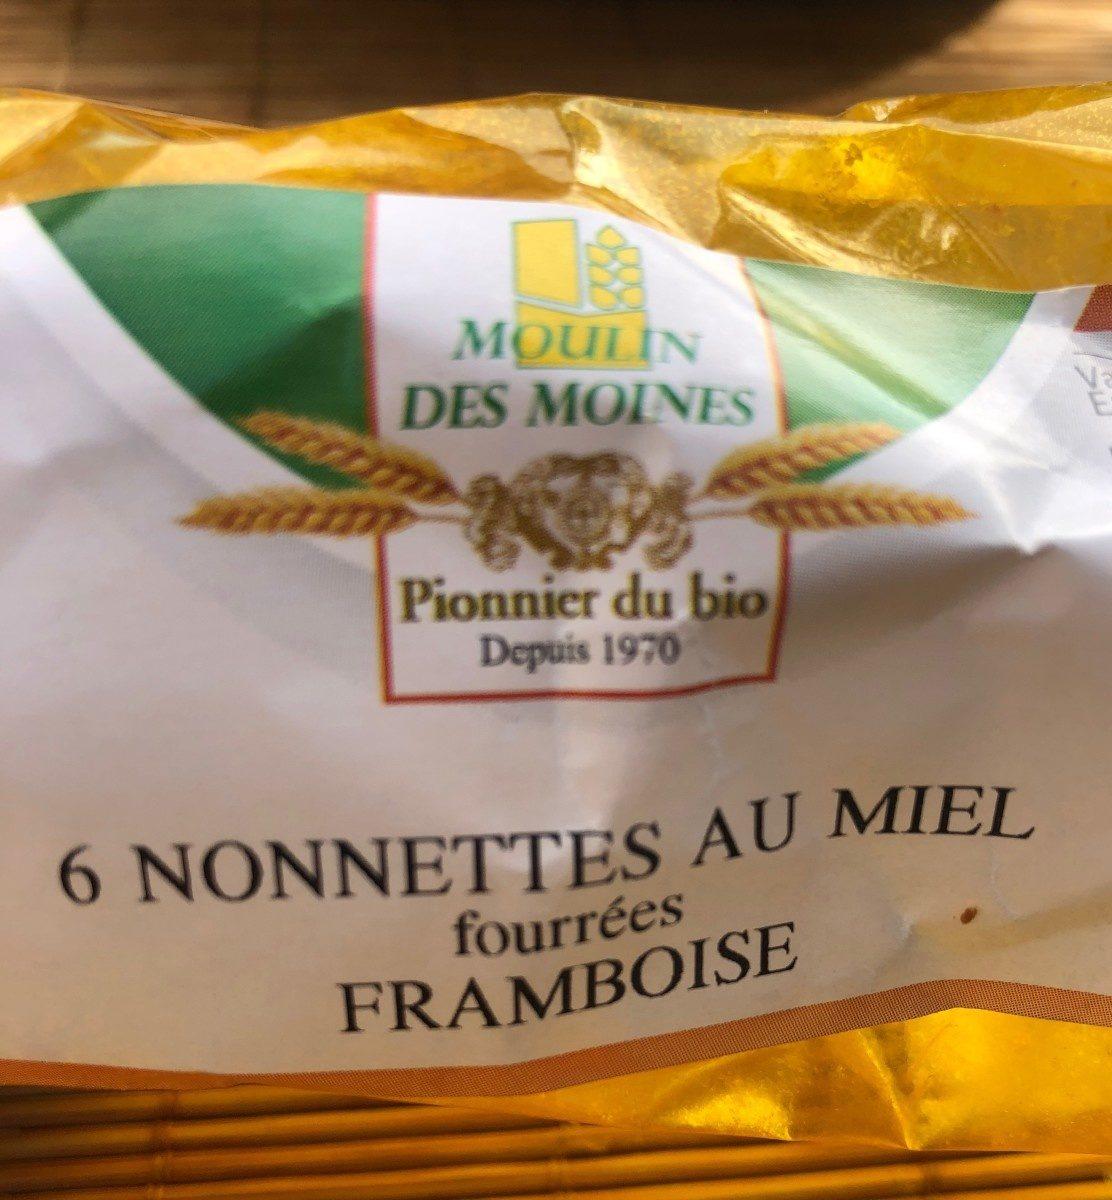 6 nonnettes au miel fourrées FRAMBOISE - Produit